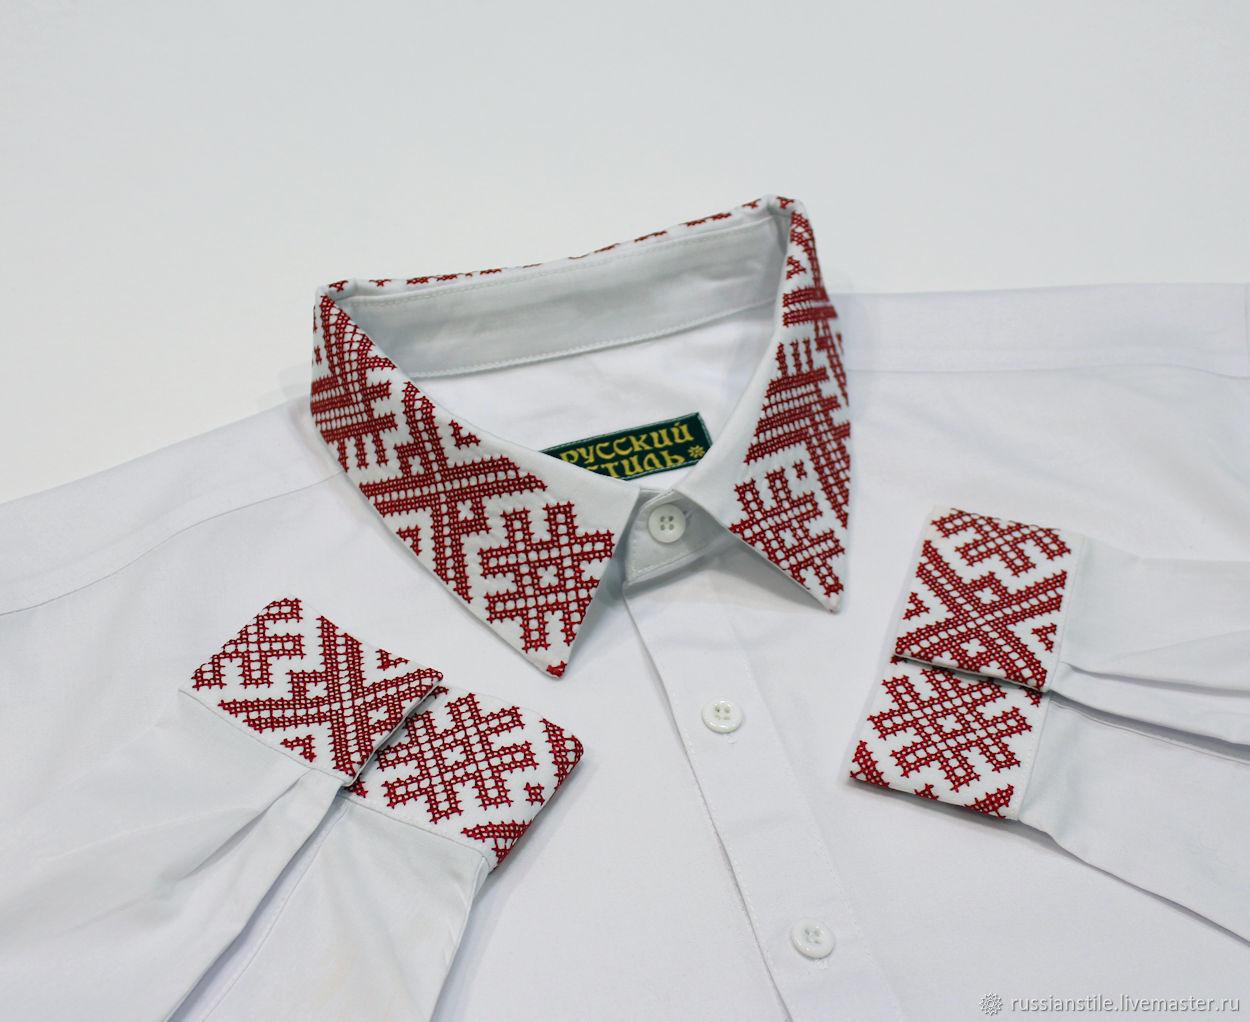 Сорочка с обережным орнаментом, Рубашки, Москва, Фото №1